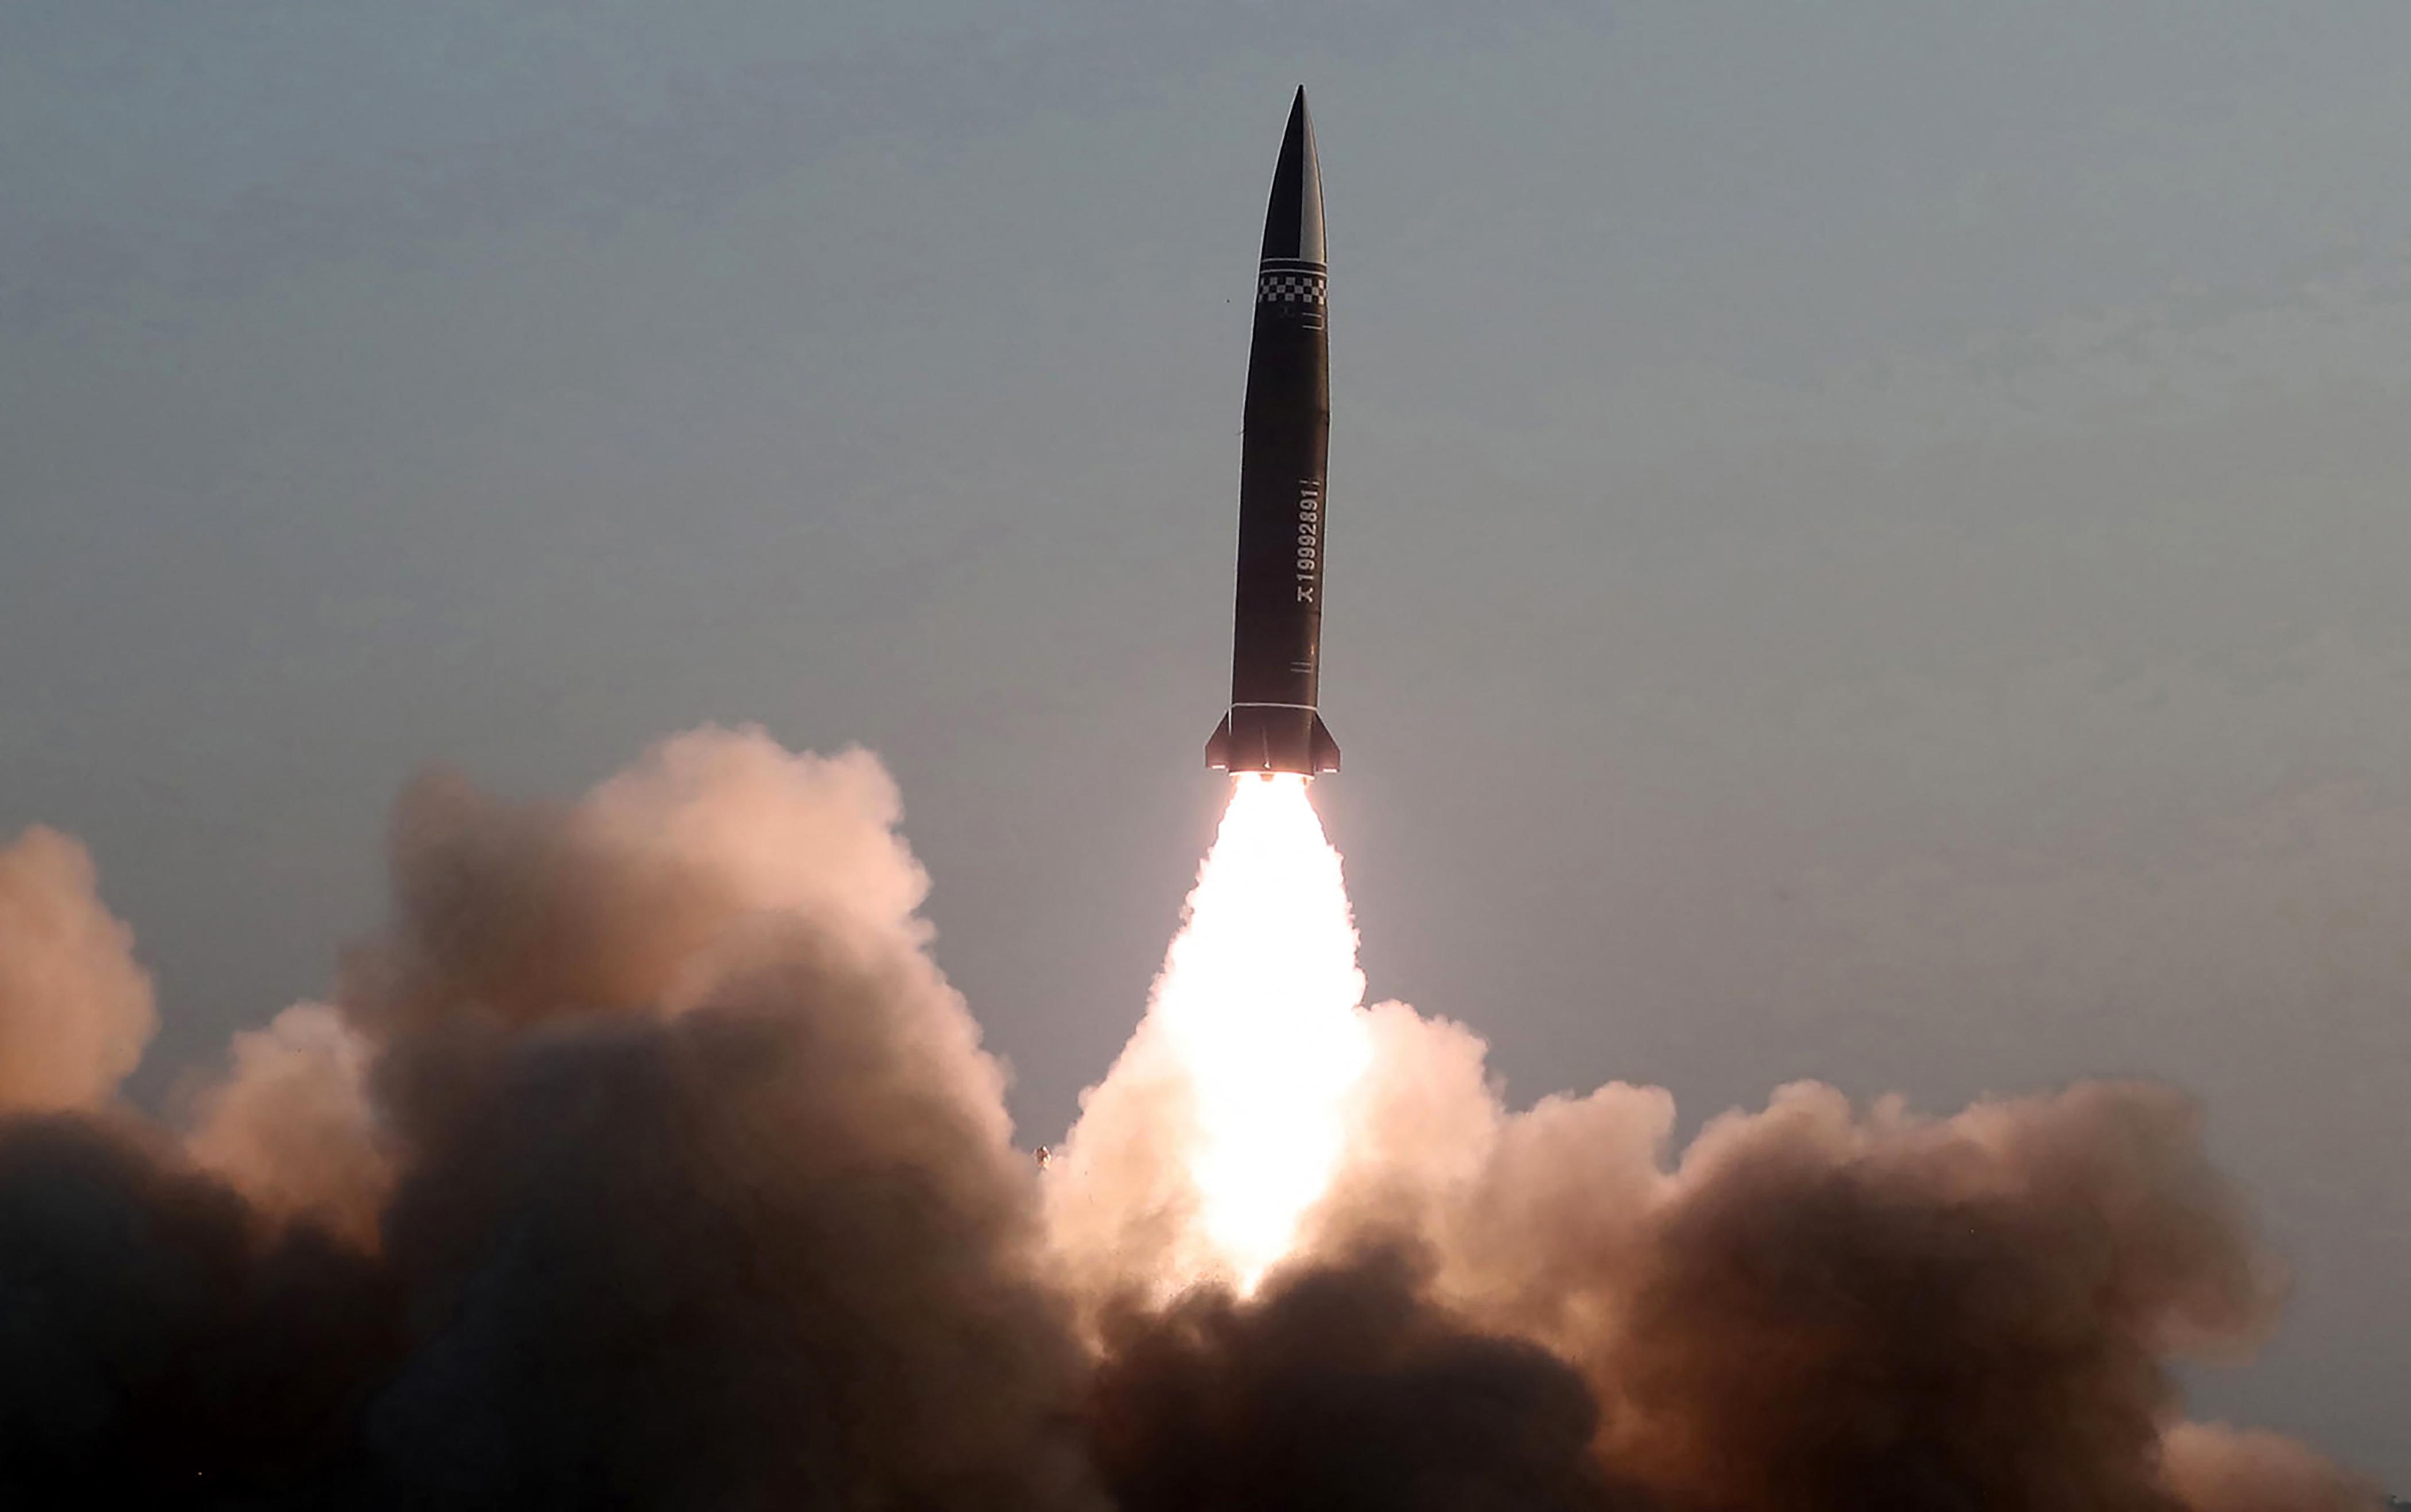 Észak-Korea azt állítja, új típusú, irányítható taktikai rakétát tesztelt